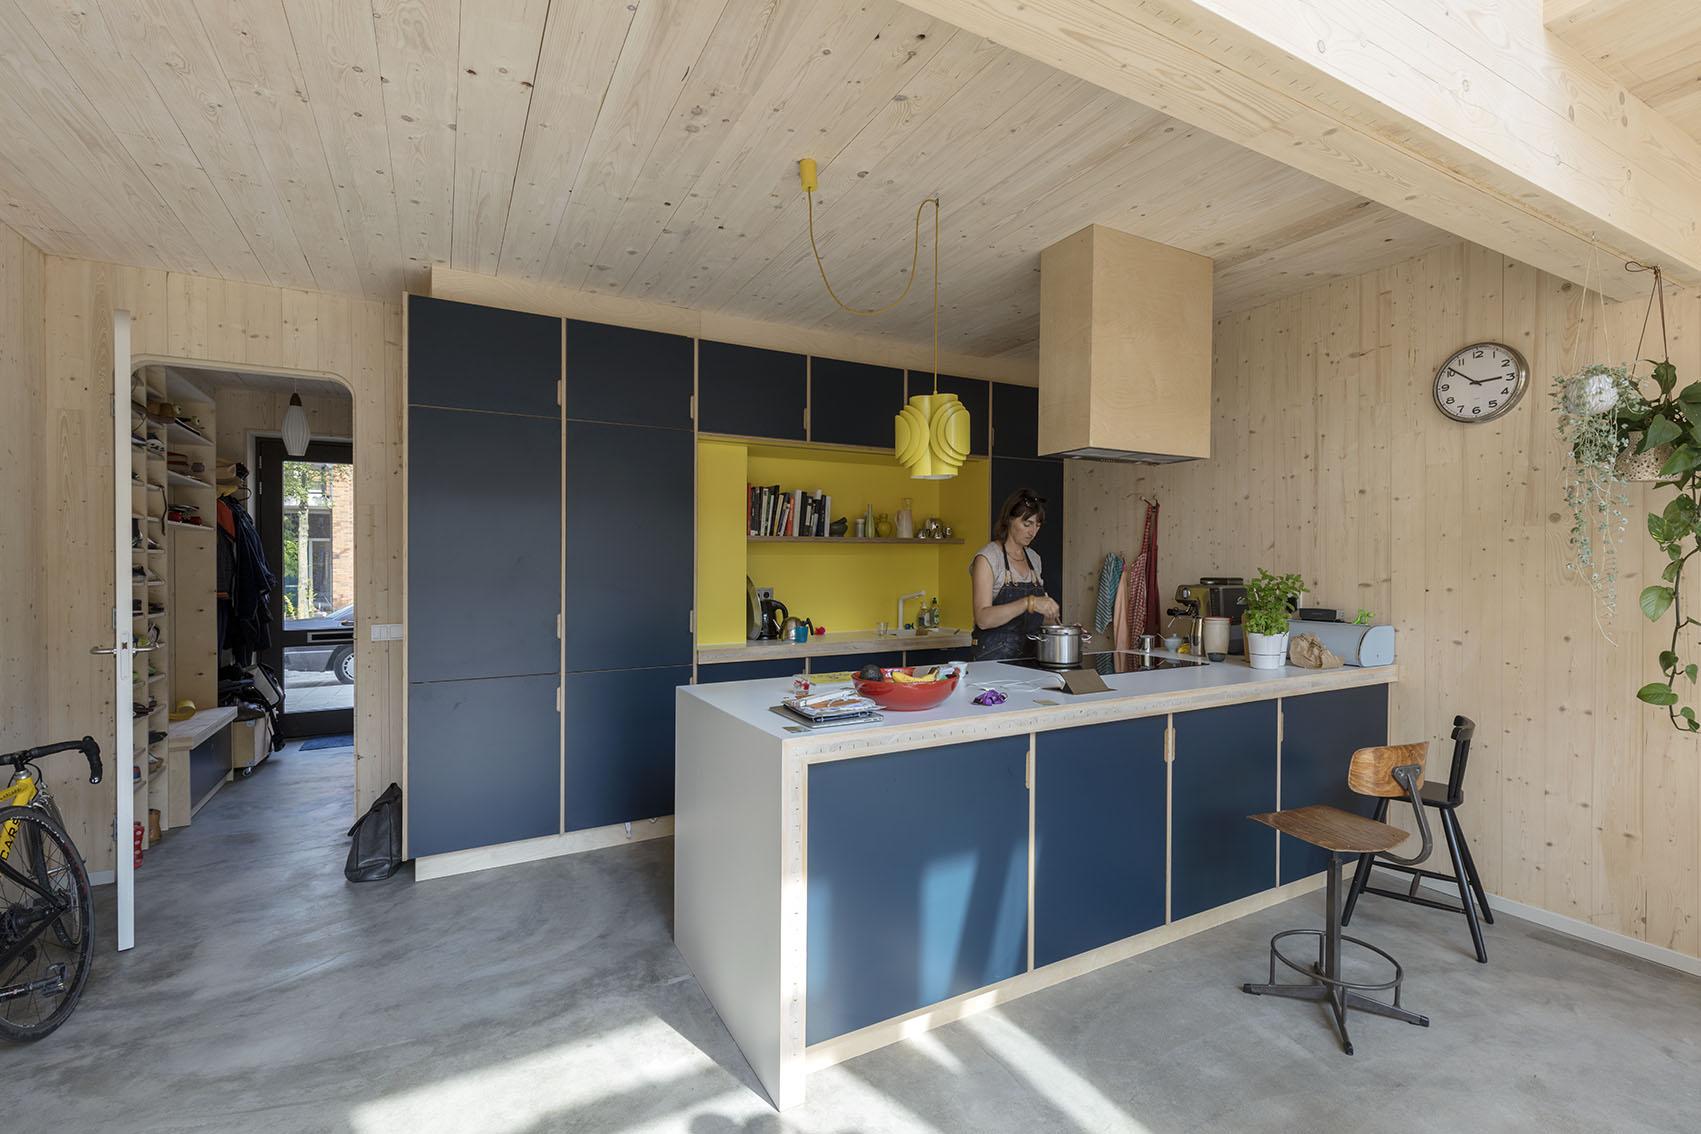 <p>Kavel 8 &#8211; keuken met doorzicht naar entree  foto: Marcel van der Burg</p>